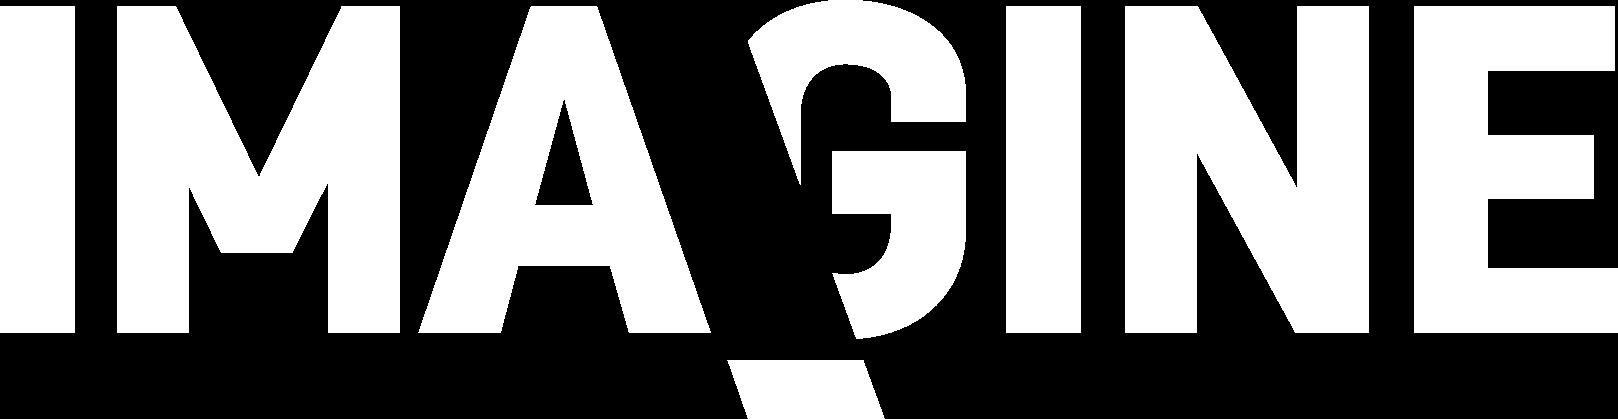 Image Maintenance Logo